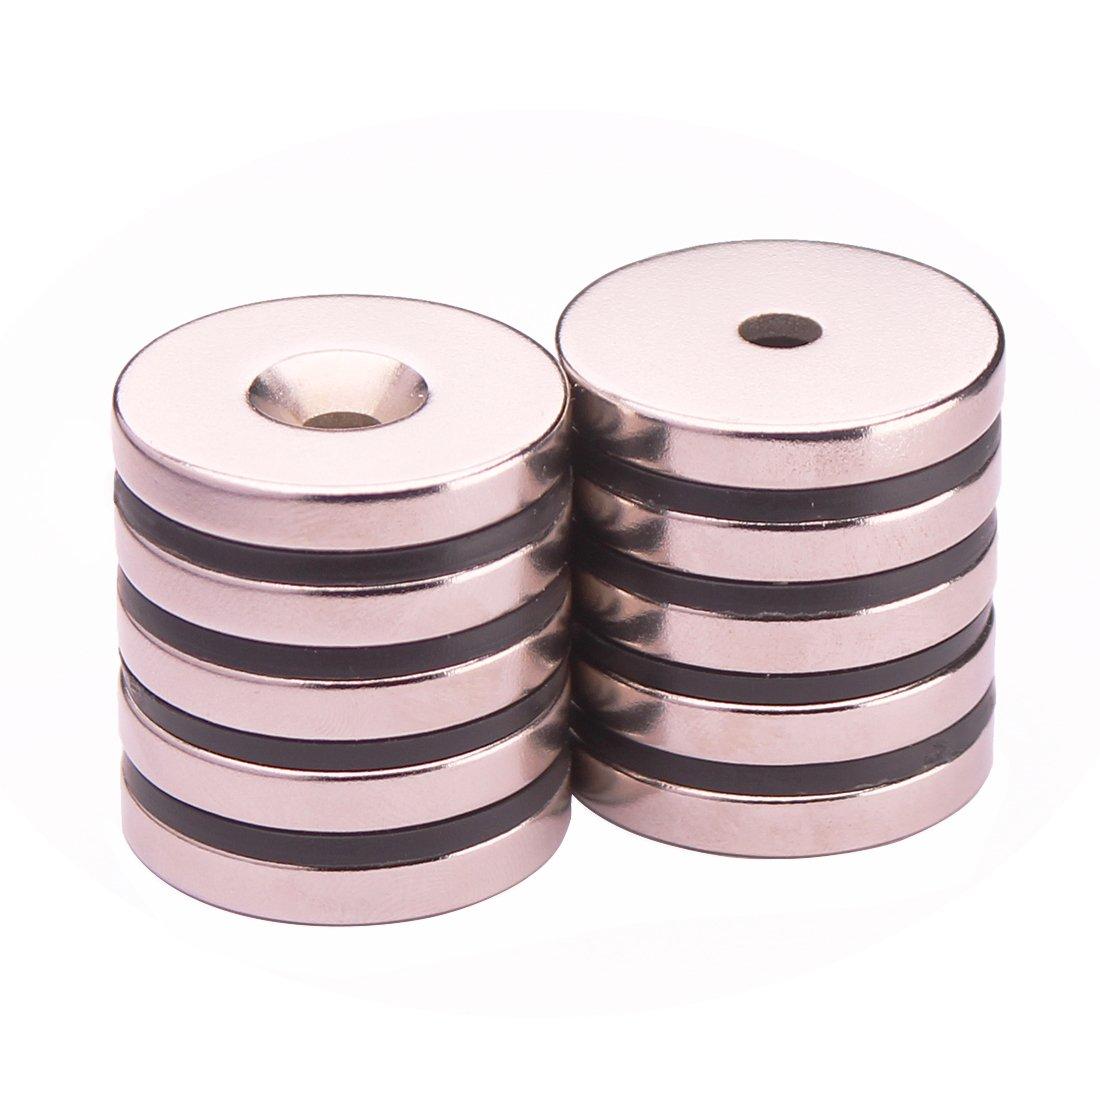 Amazon.com: kygne 10 Pack Countersunk agujero de discos de ...